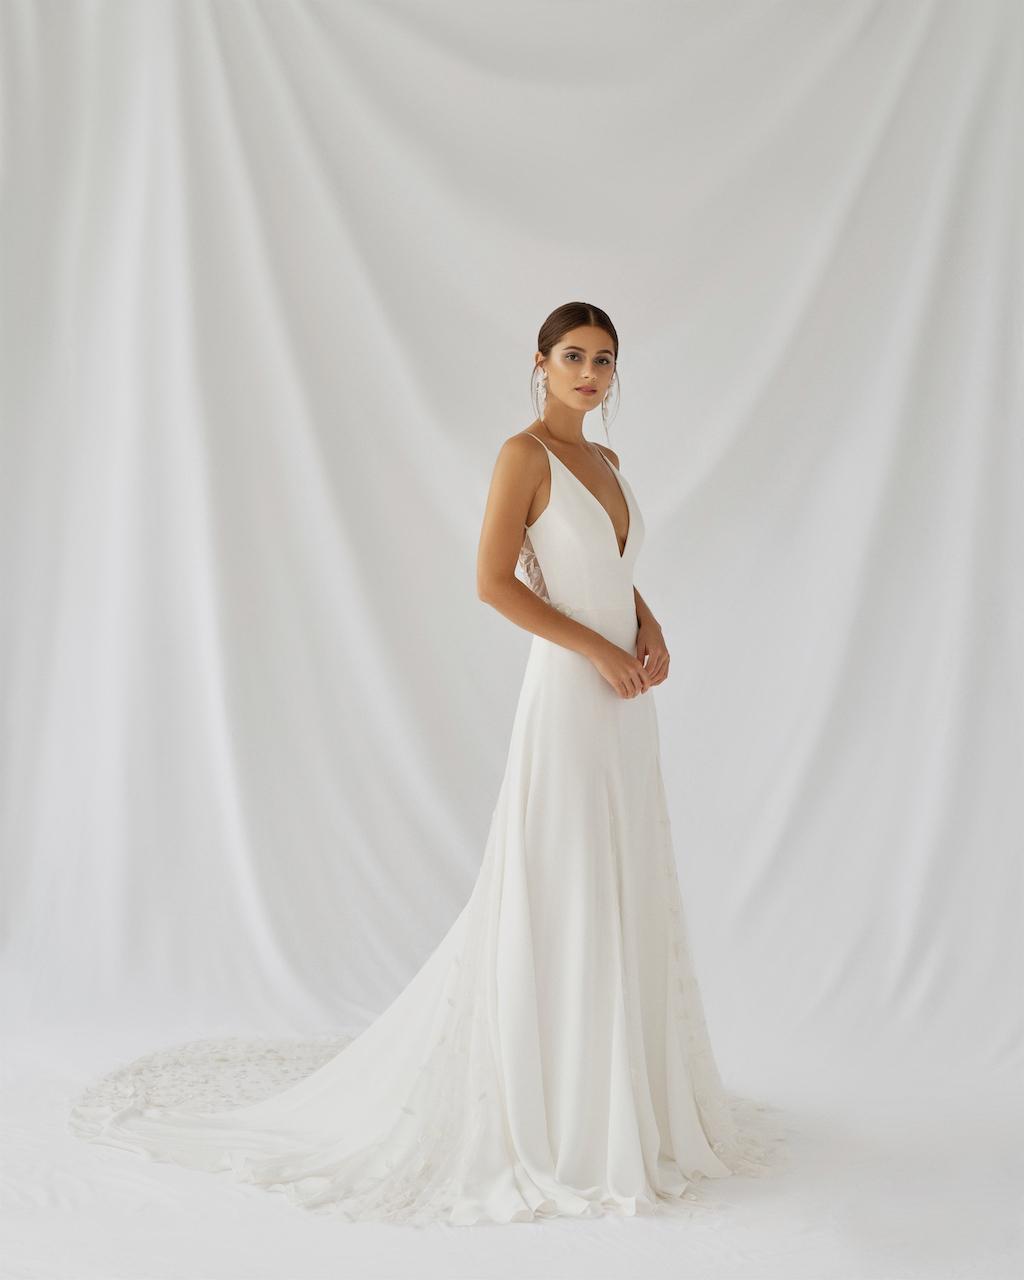 fiorella dress photo